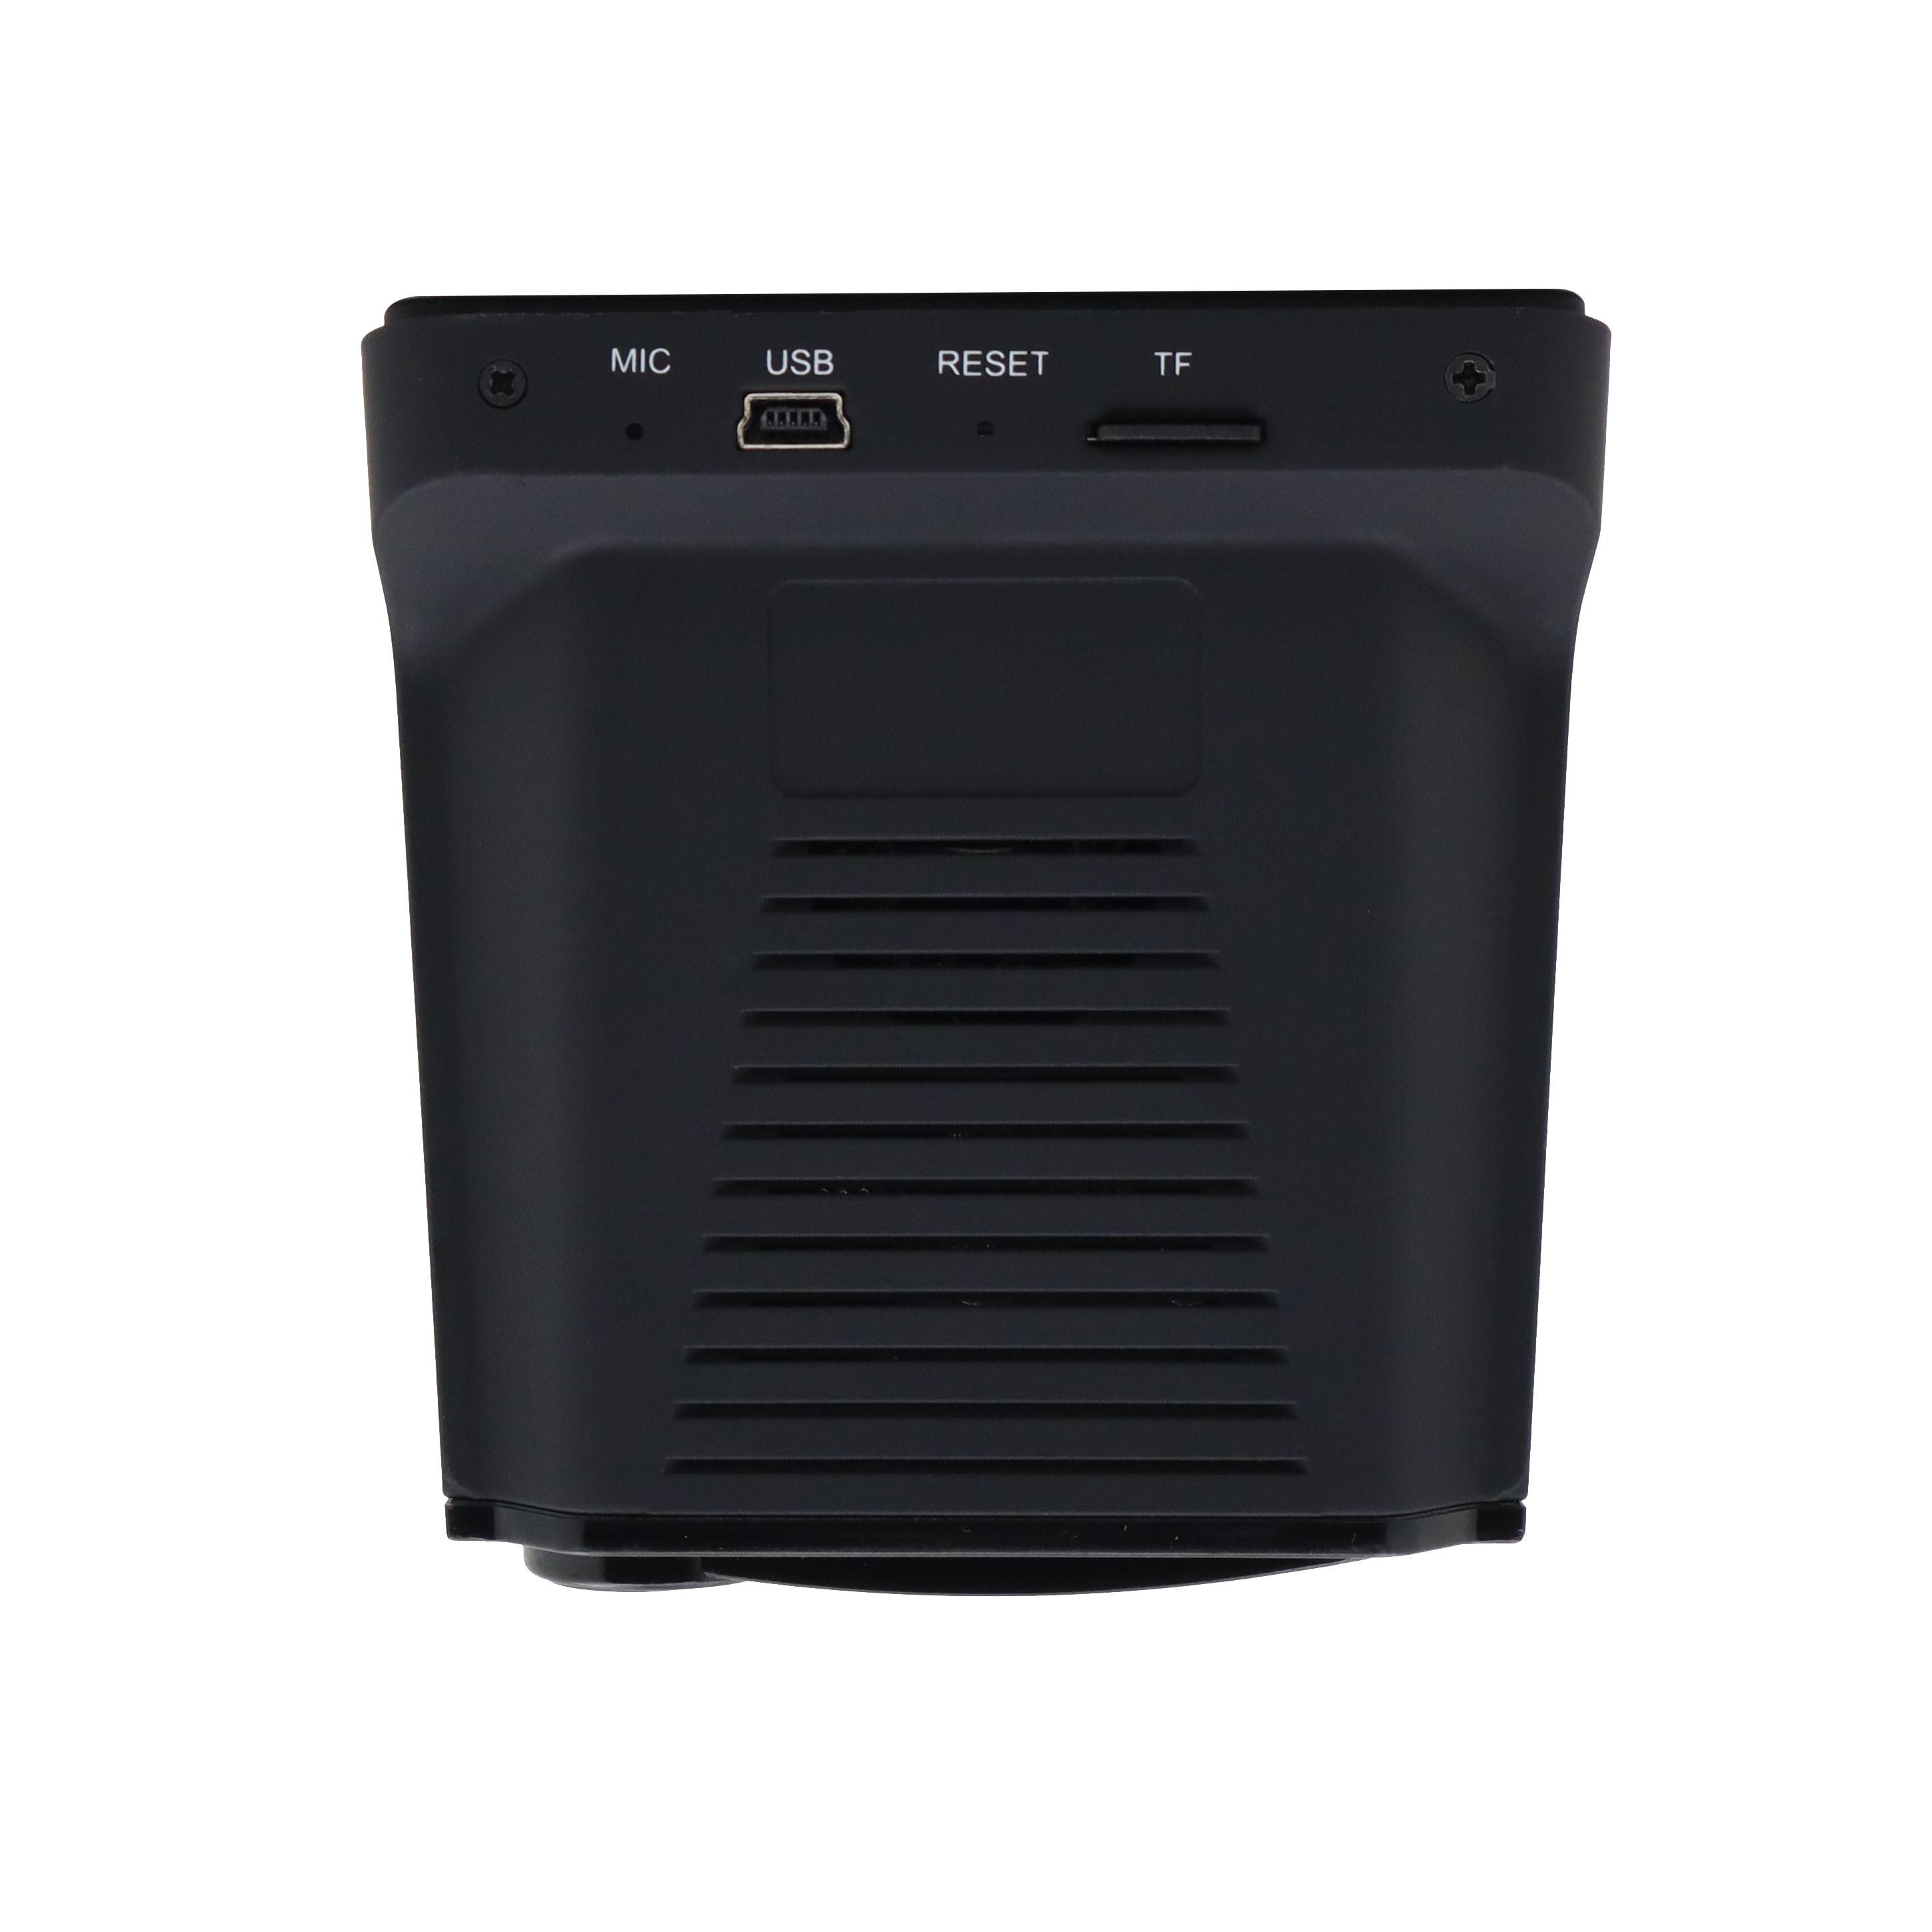 Радар-детектор 3 в 1, Автомобильный видеорегистратор, gps камера, регистратор, видеорегистратор, радар-детектор, 3 дюйма, ips дисплей для России, ...